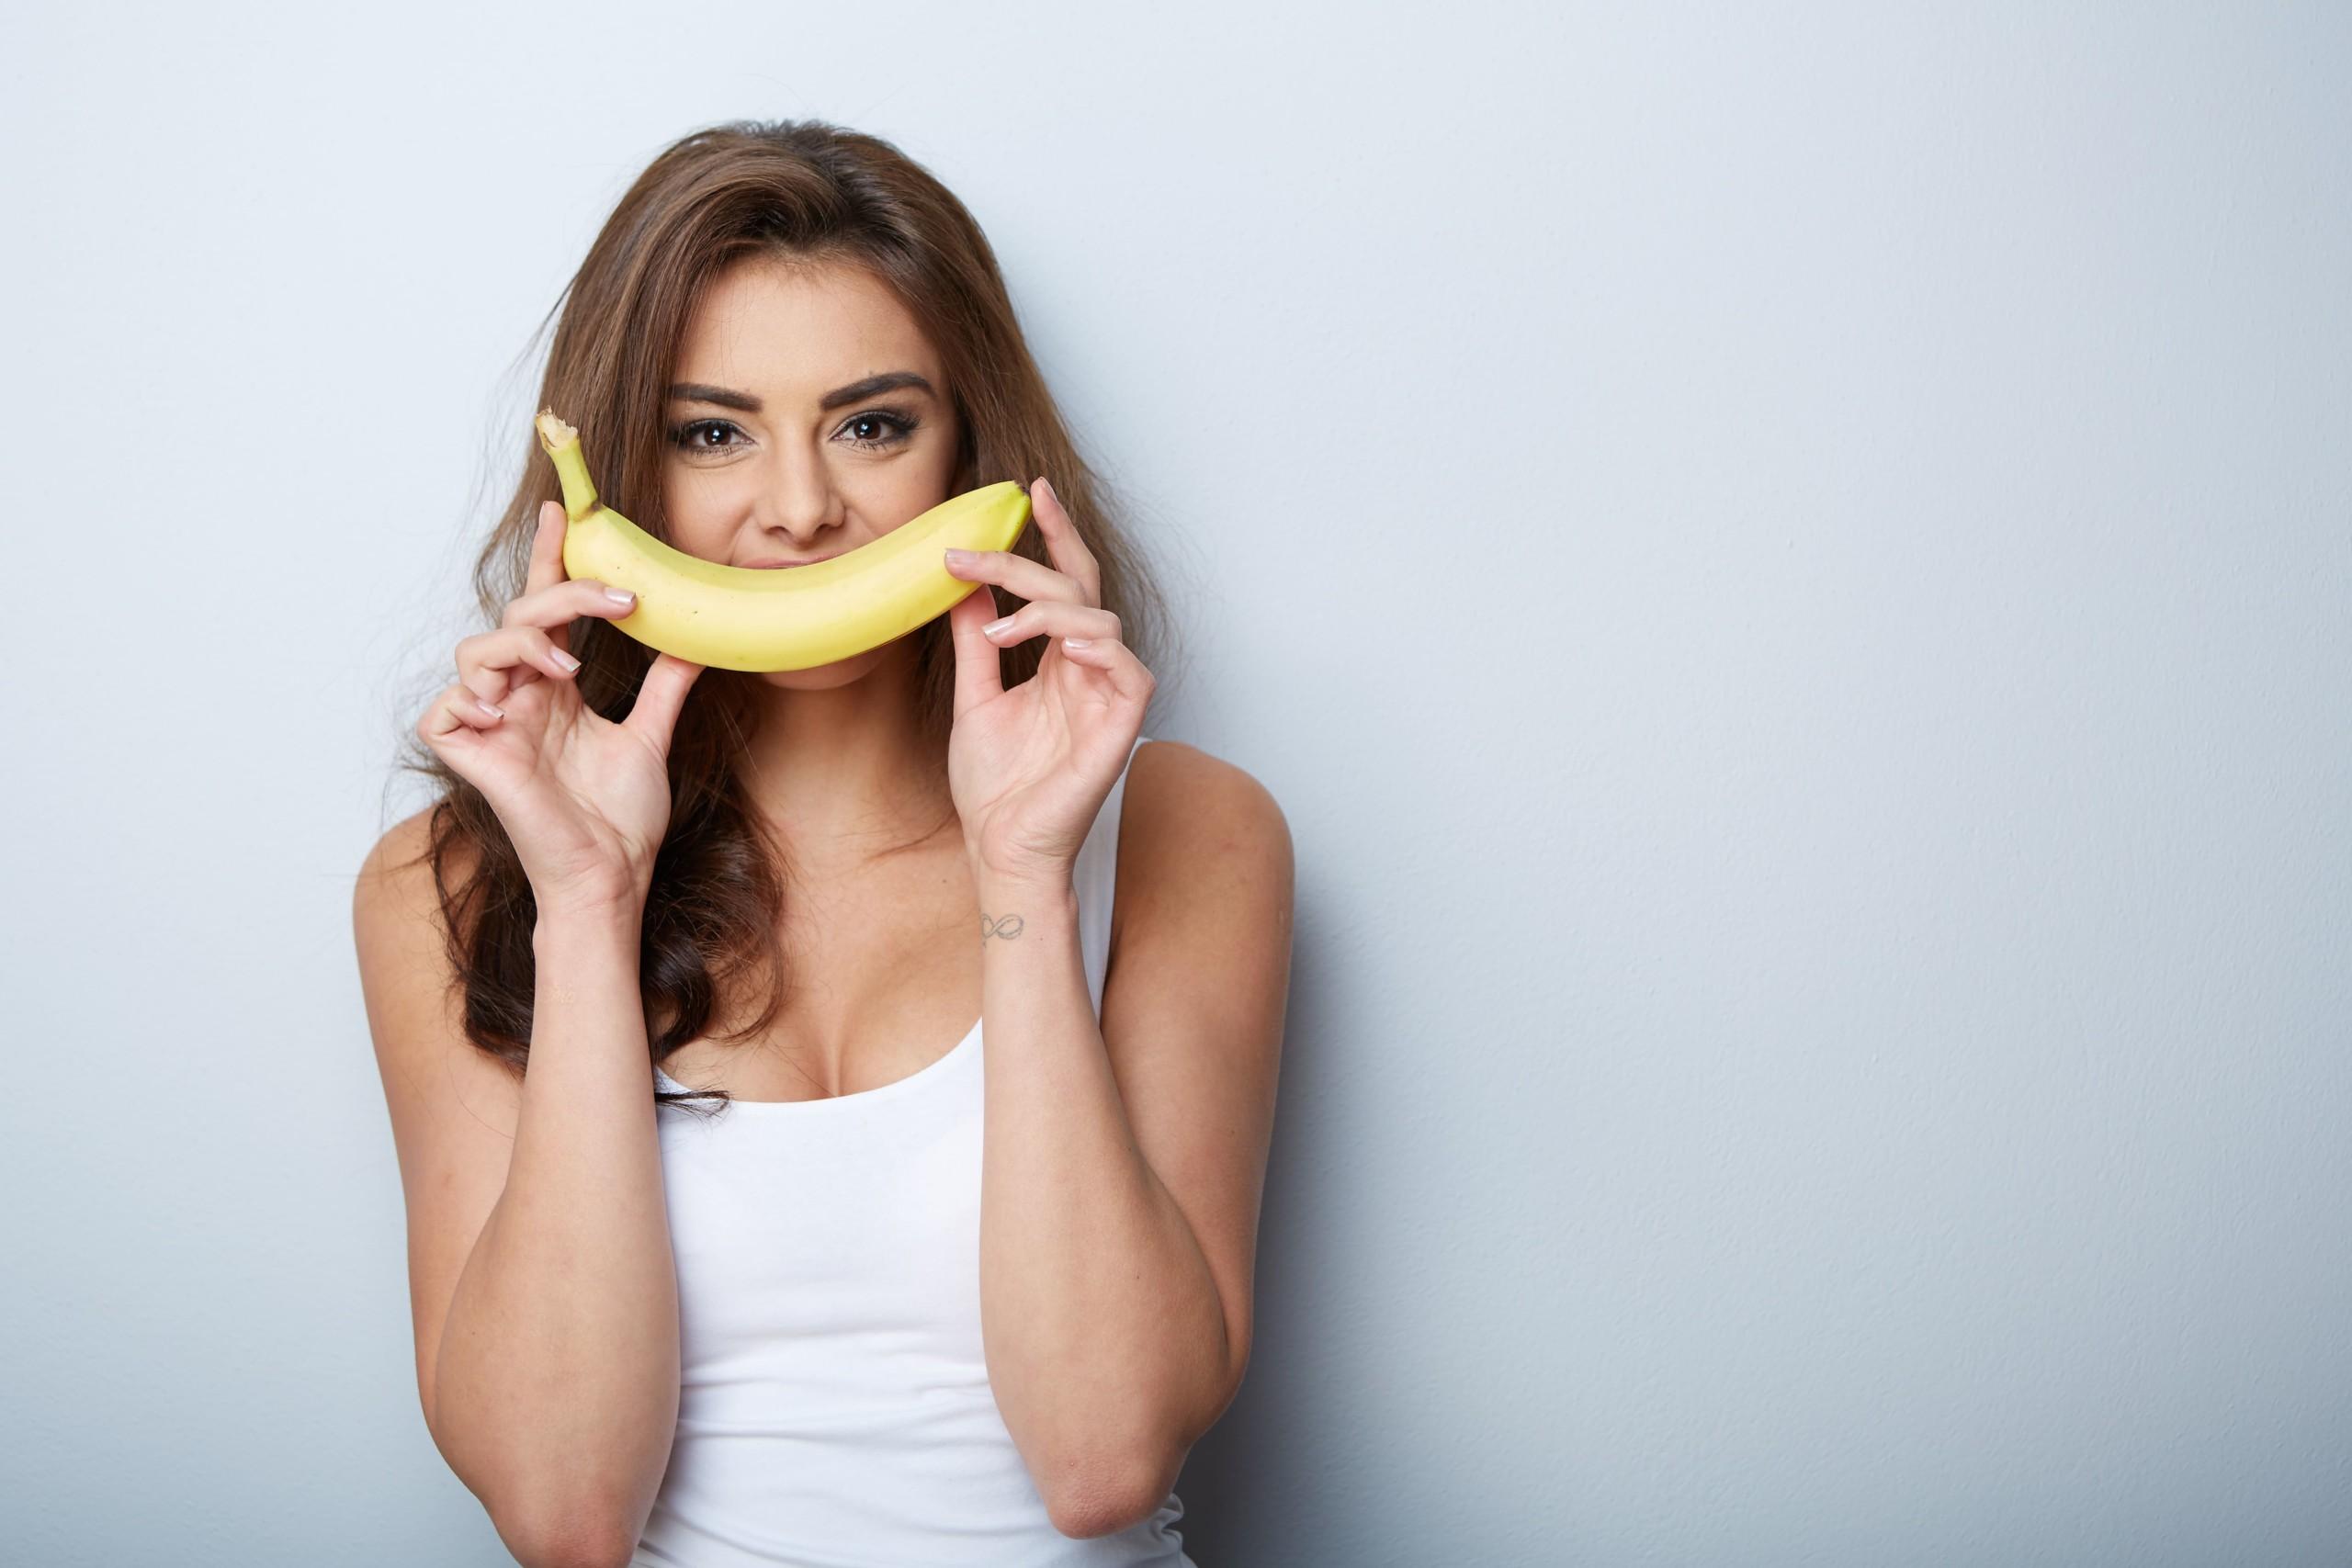 女性がバナナを持っている